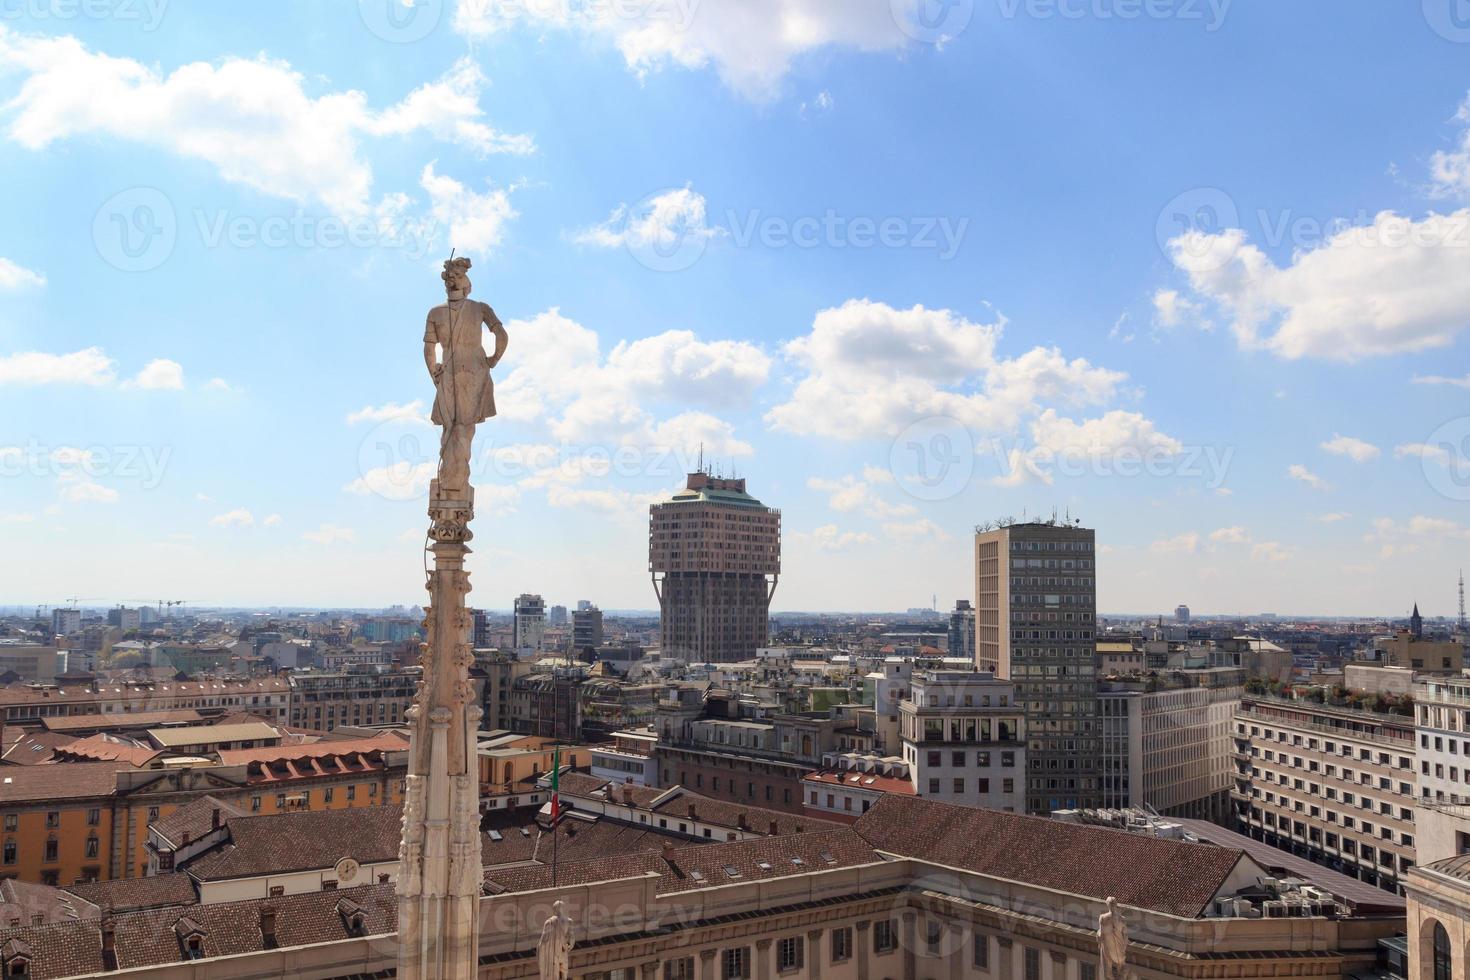 kathedraal standbeeld en uitzicht op Milaan stadsgezicht met torre valesca foto